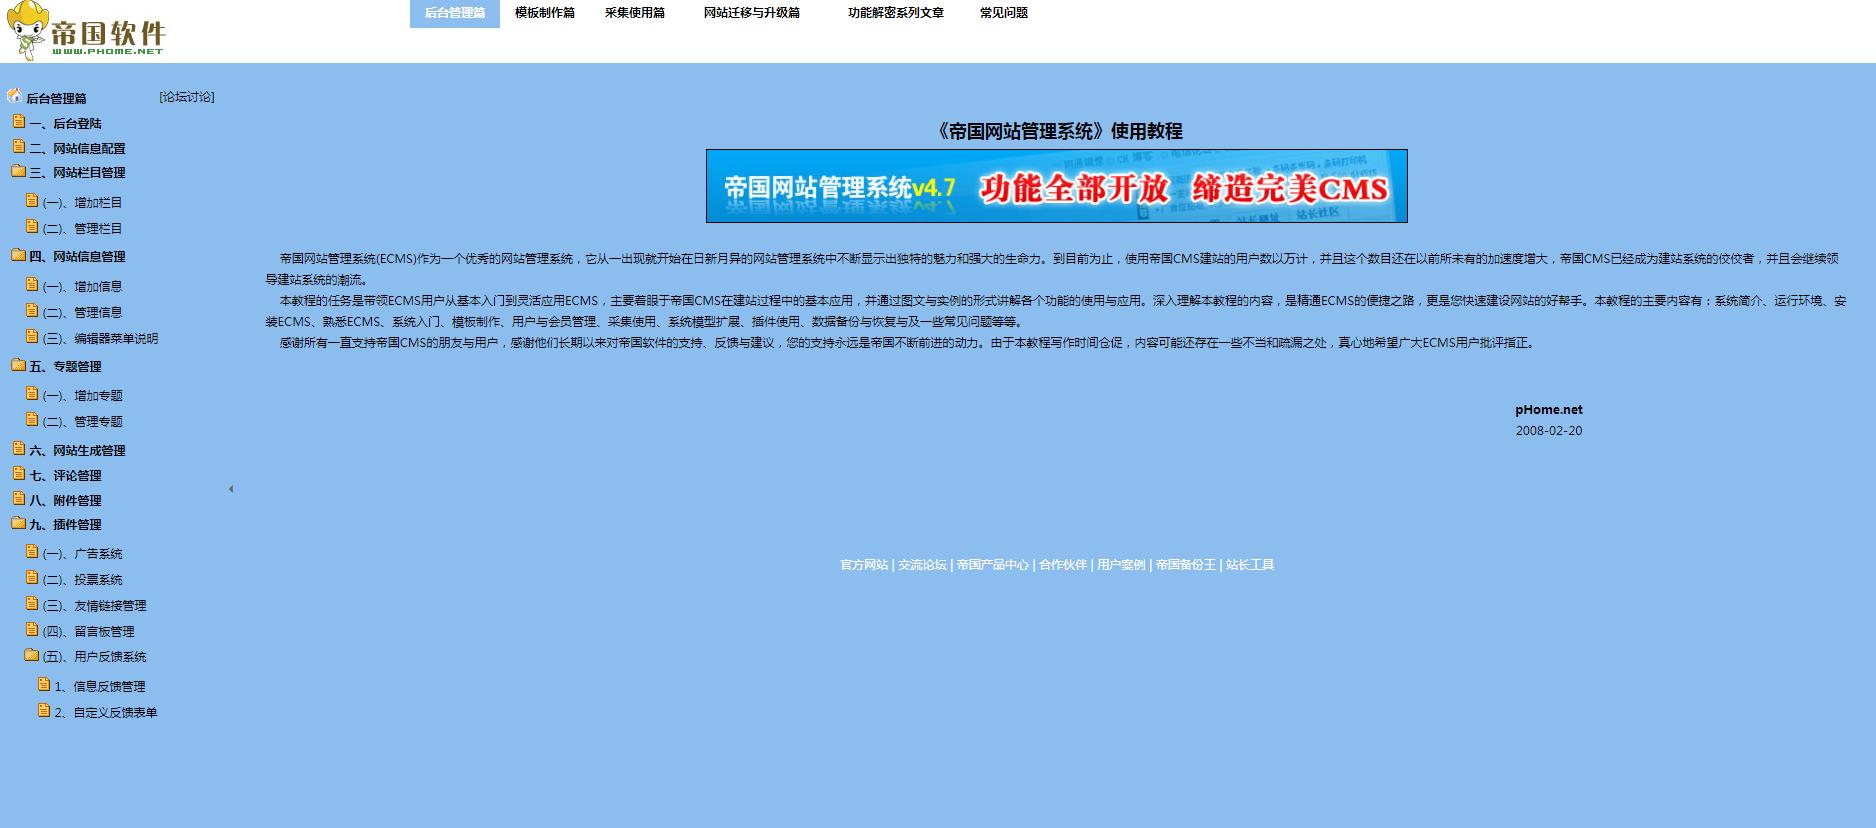 《帝国网站管理系统》基础教程